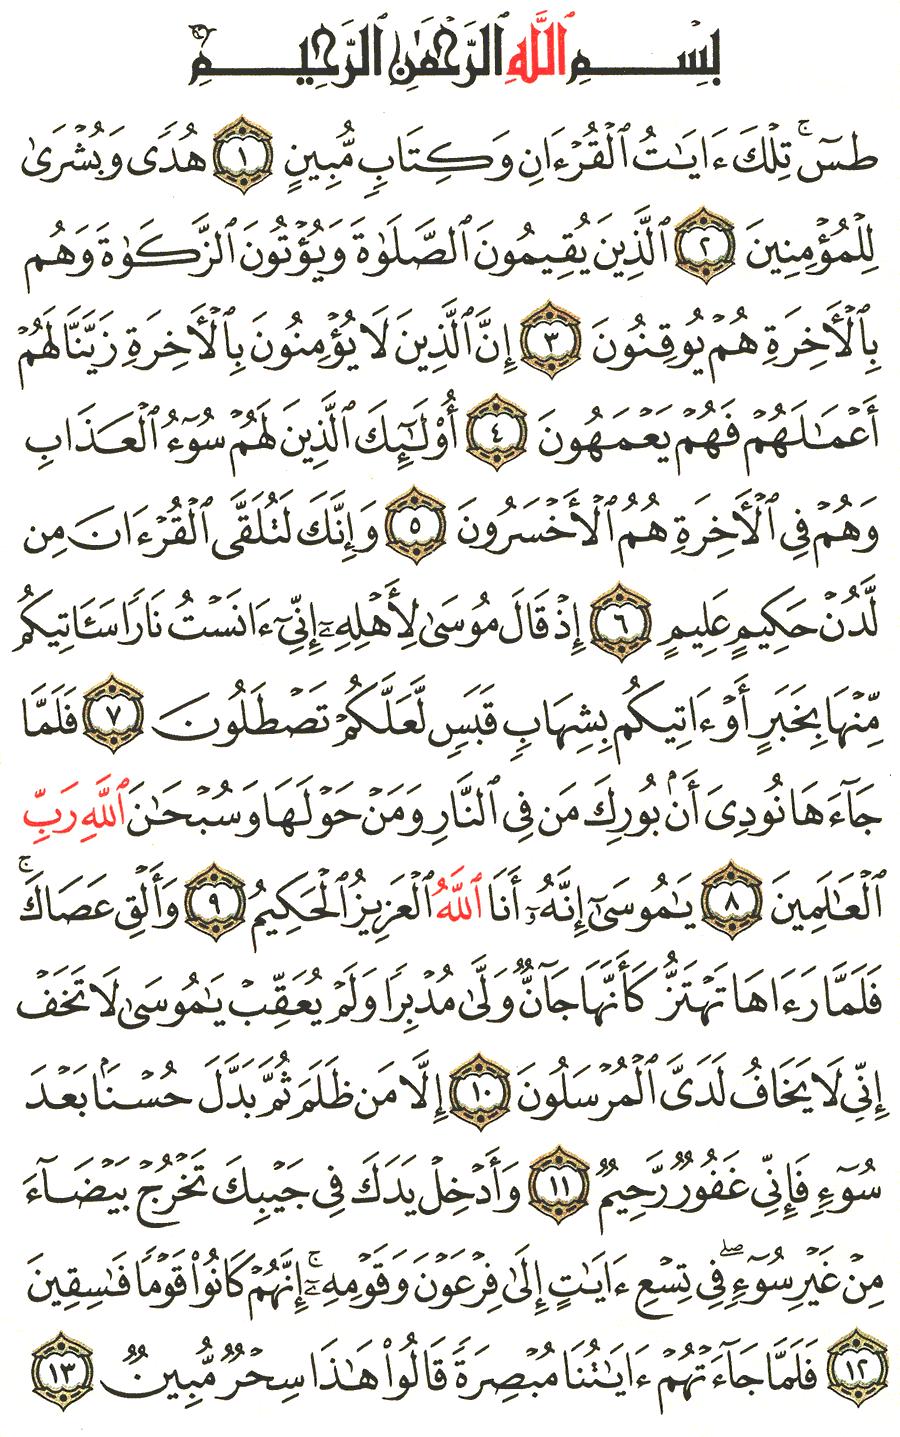 الصفحة رقم 377  من القرآن الكريم مكتوبة من المصحف